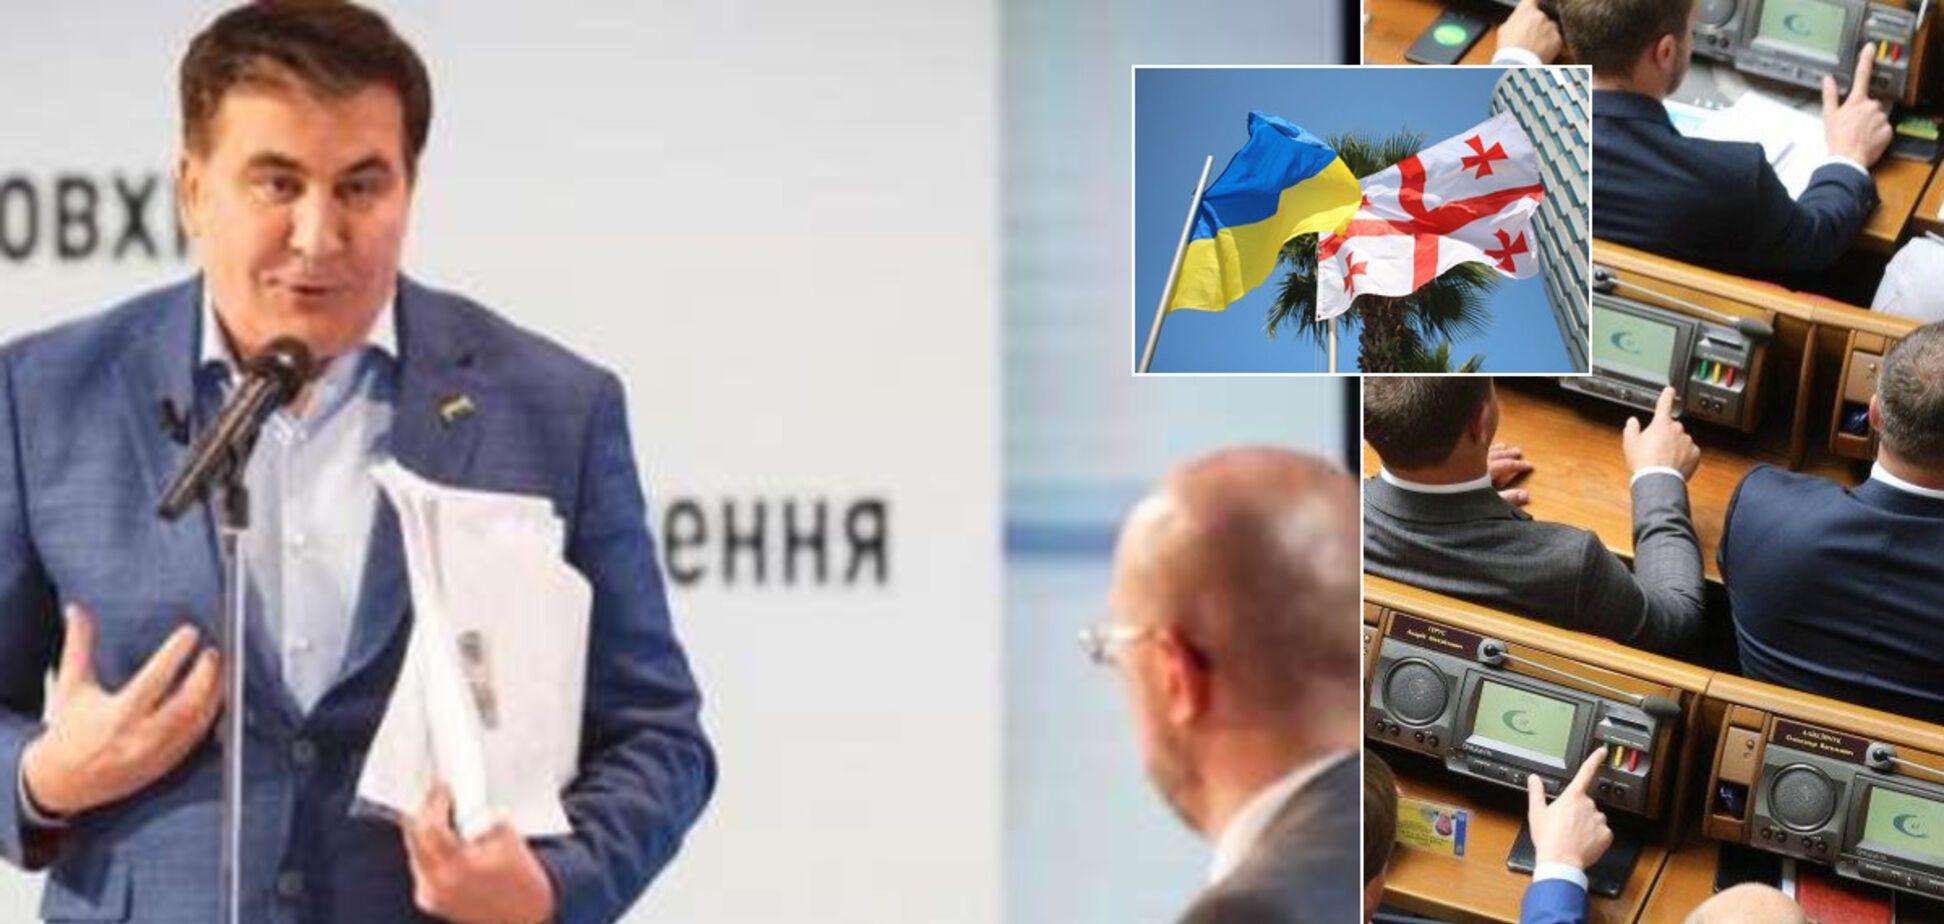 Пролетел над Кабмином? Есть ли будущее у Саакашвили в украинской политике